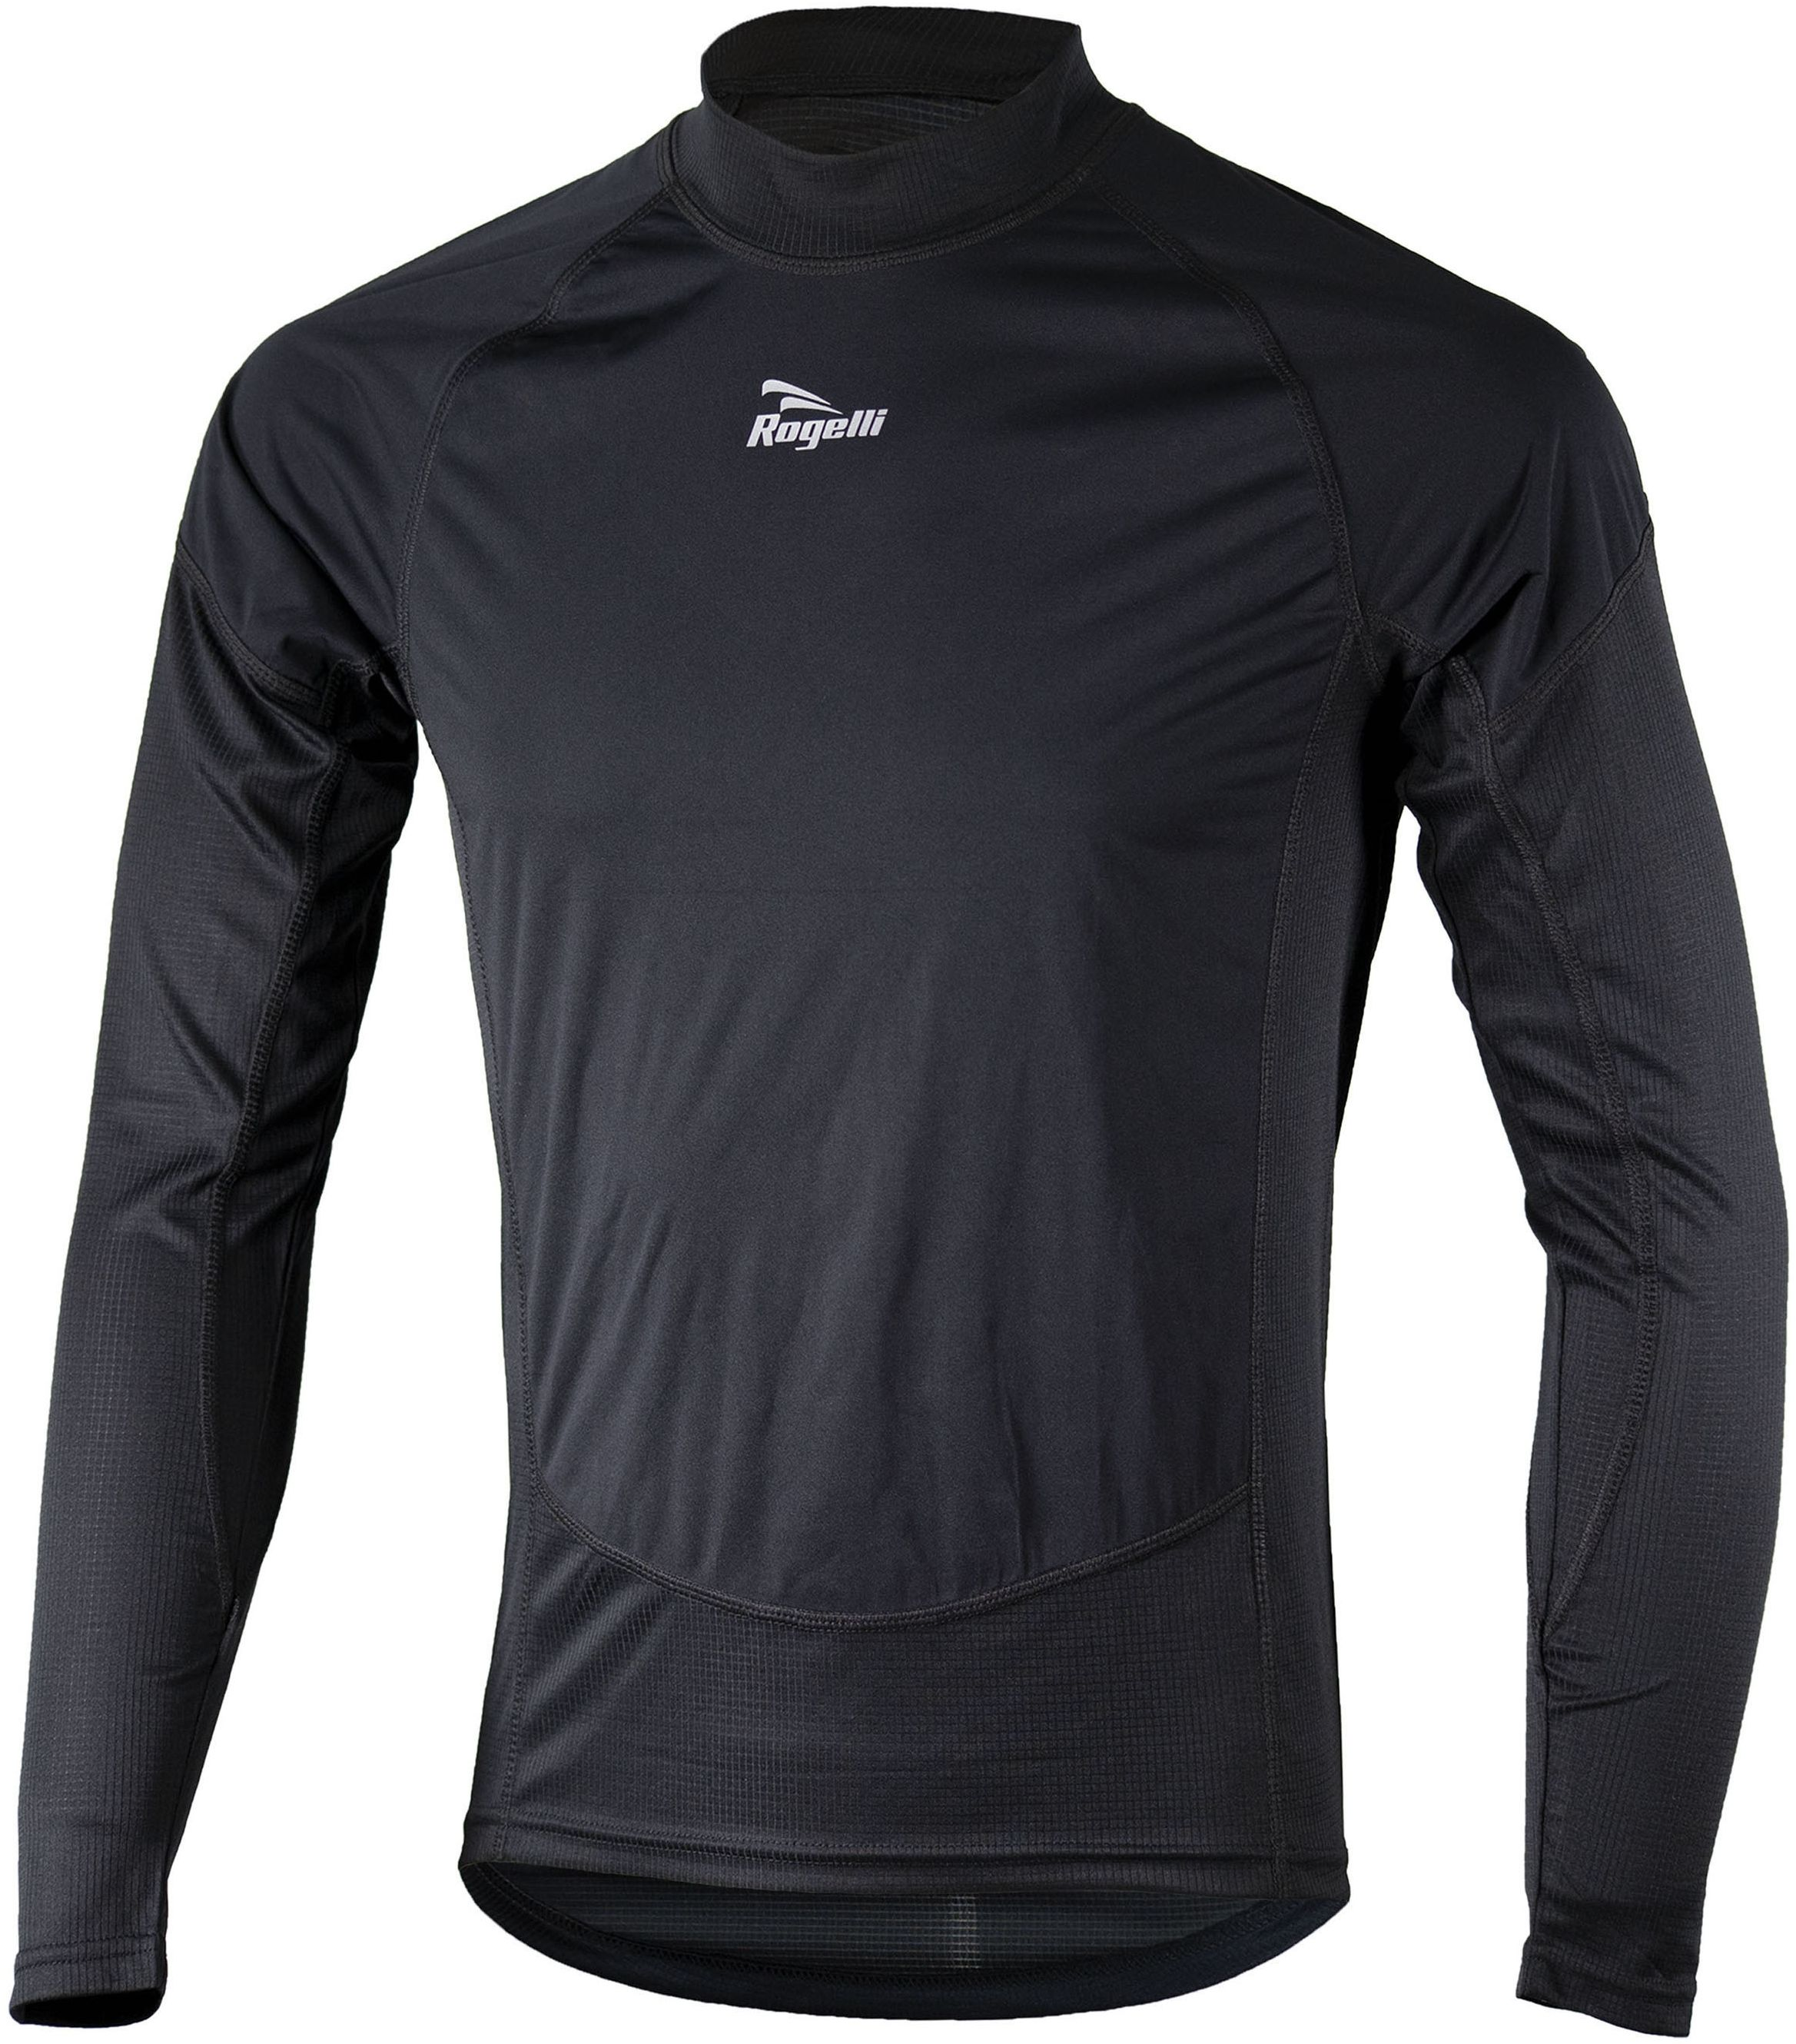 ROGELLI bielizna męska koszulka z panelami NO-WIND 070.025 Rozmiar: S,rog-no-wind-black